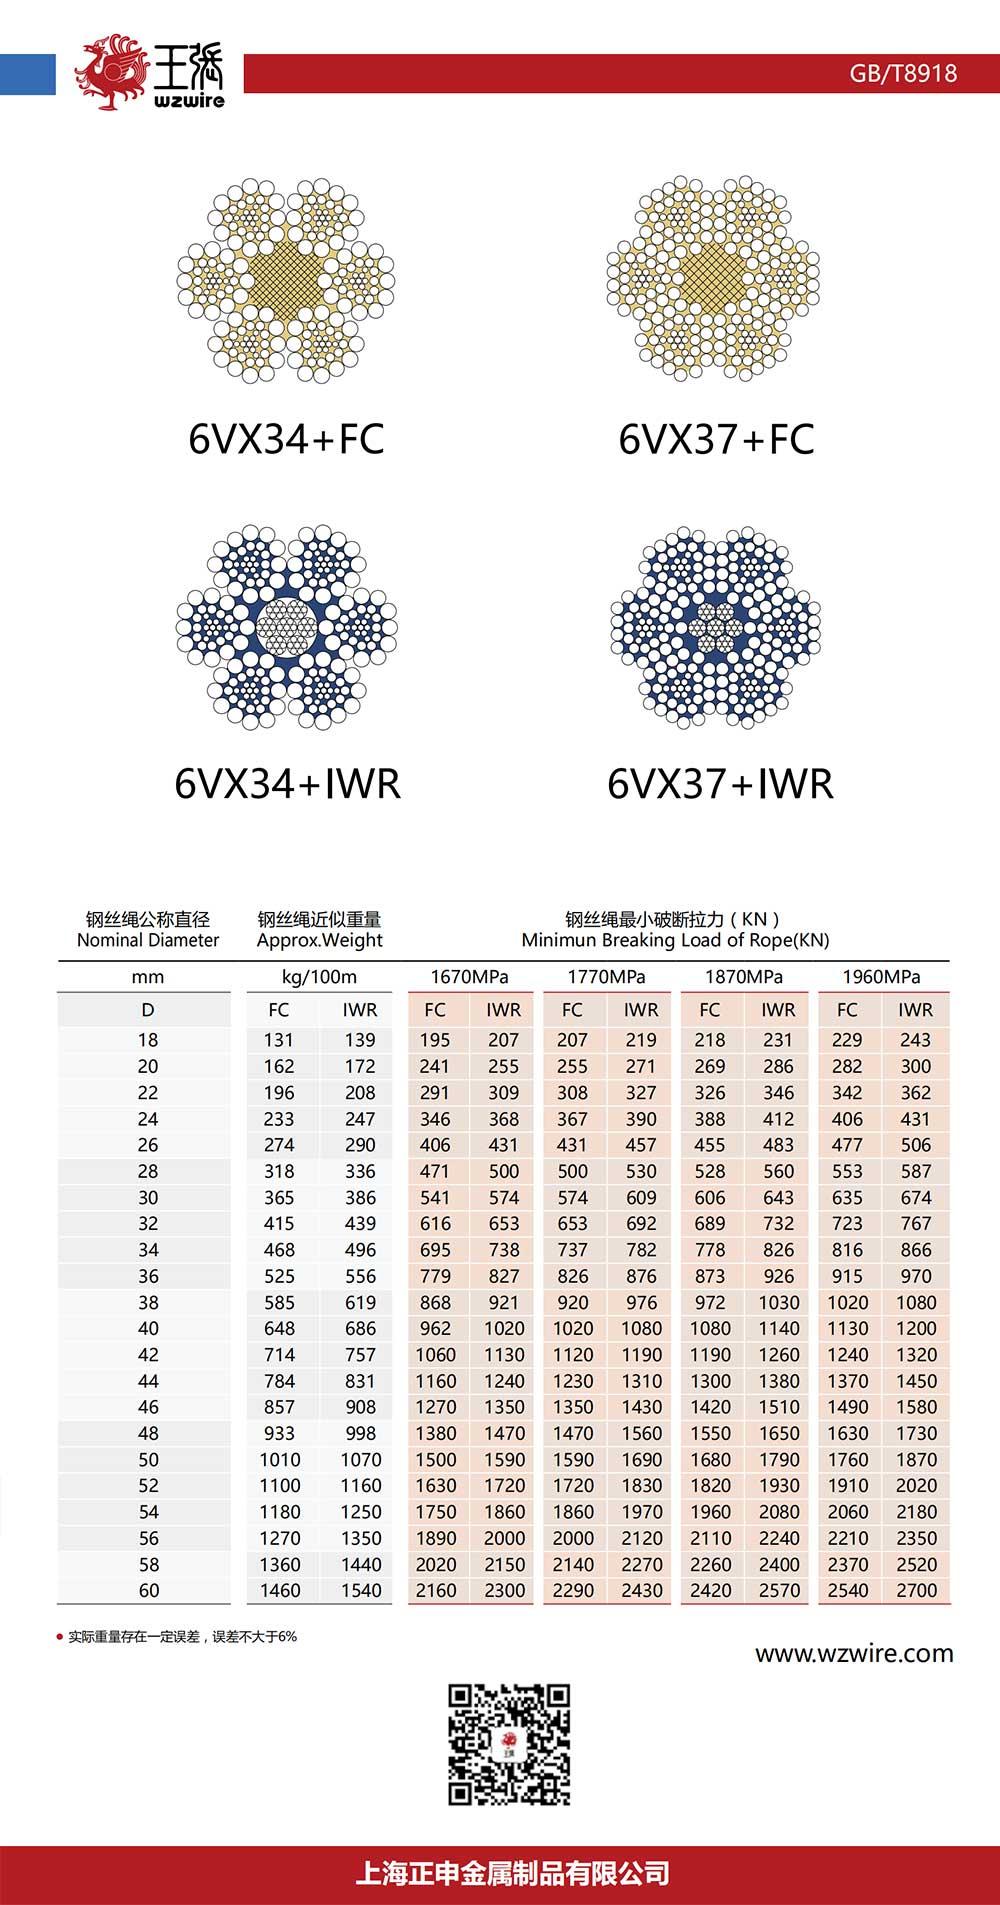 鋼絲繩6VX34+FC、6VX37+FC、6VX34+IWR、6VX37+IWR價格,鋼絲繩6VX34+FC、6VX37+FC、6VX34+IWR、6VX37+IWR批發,鋼絲繩6VX34+FC、6VX37+FC、6VX34+IWR、6VX37+IWR公司